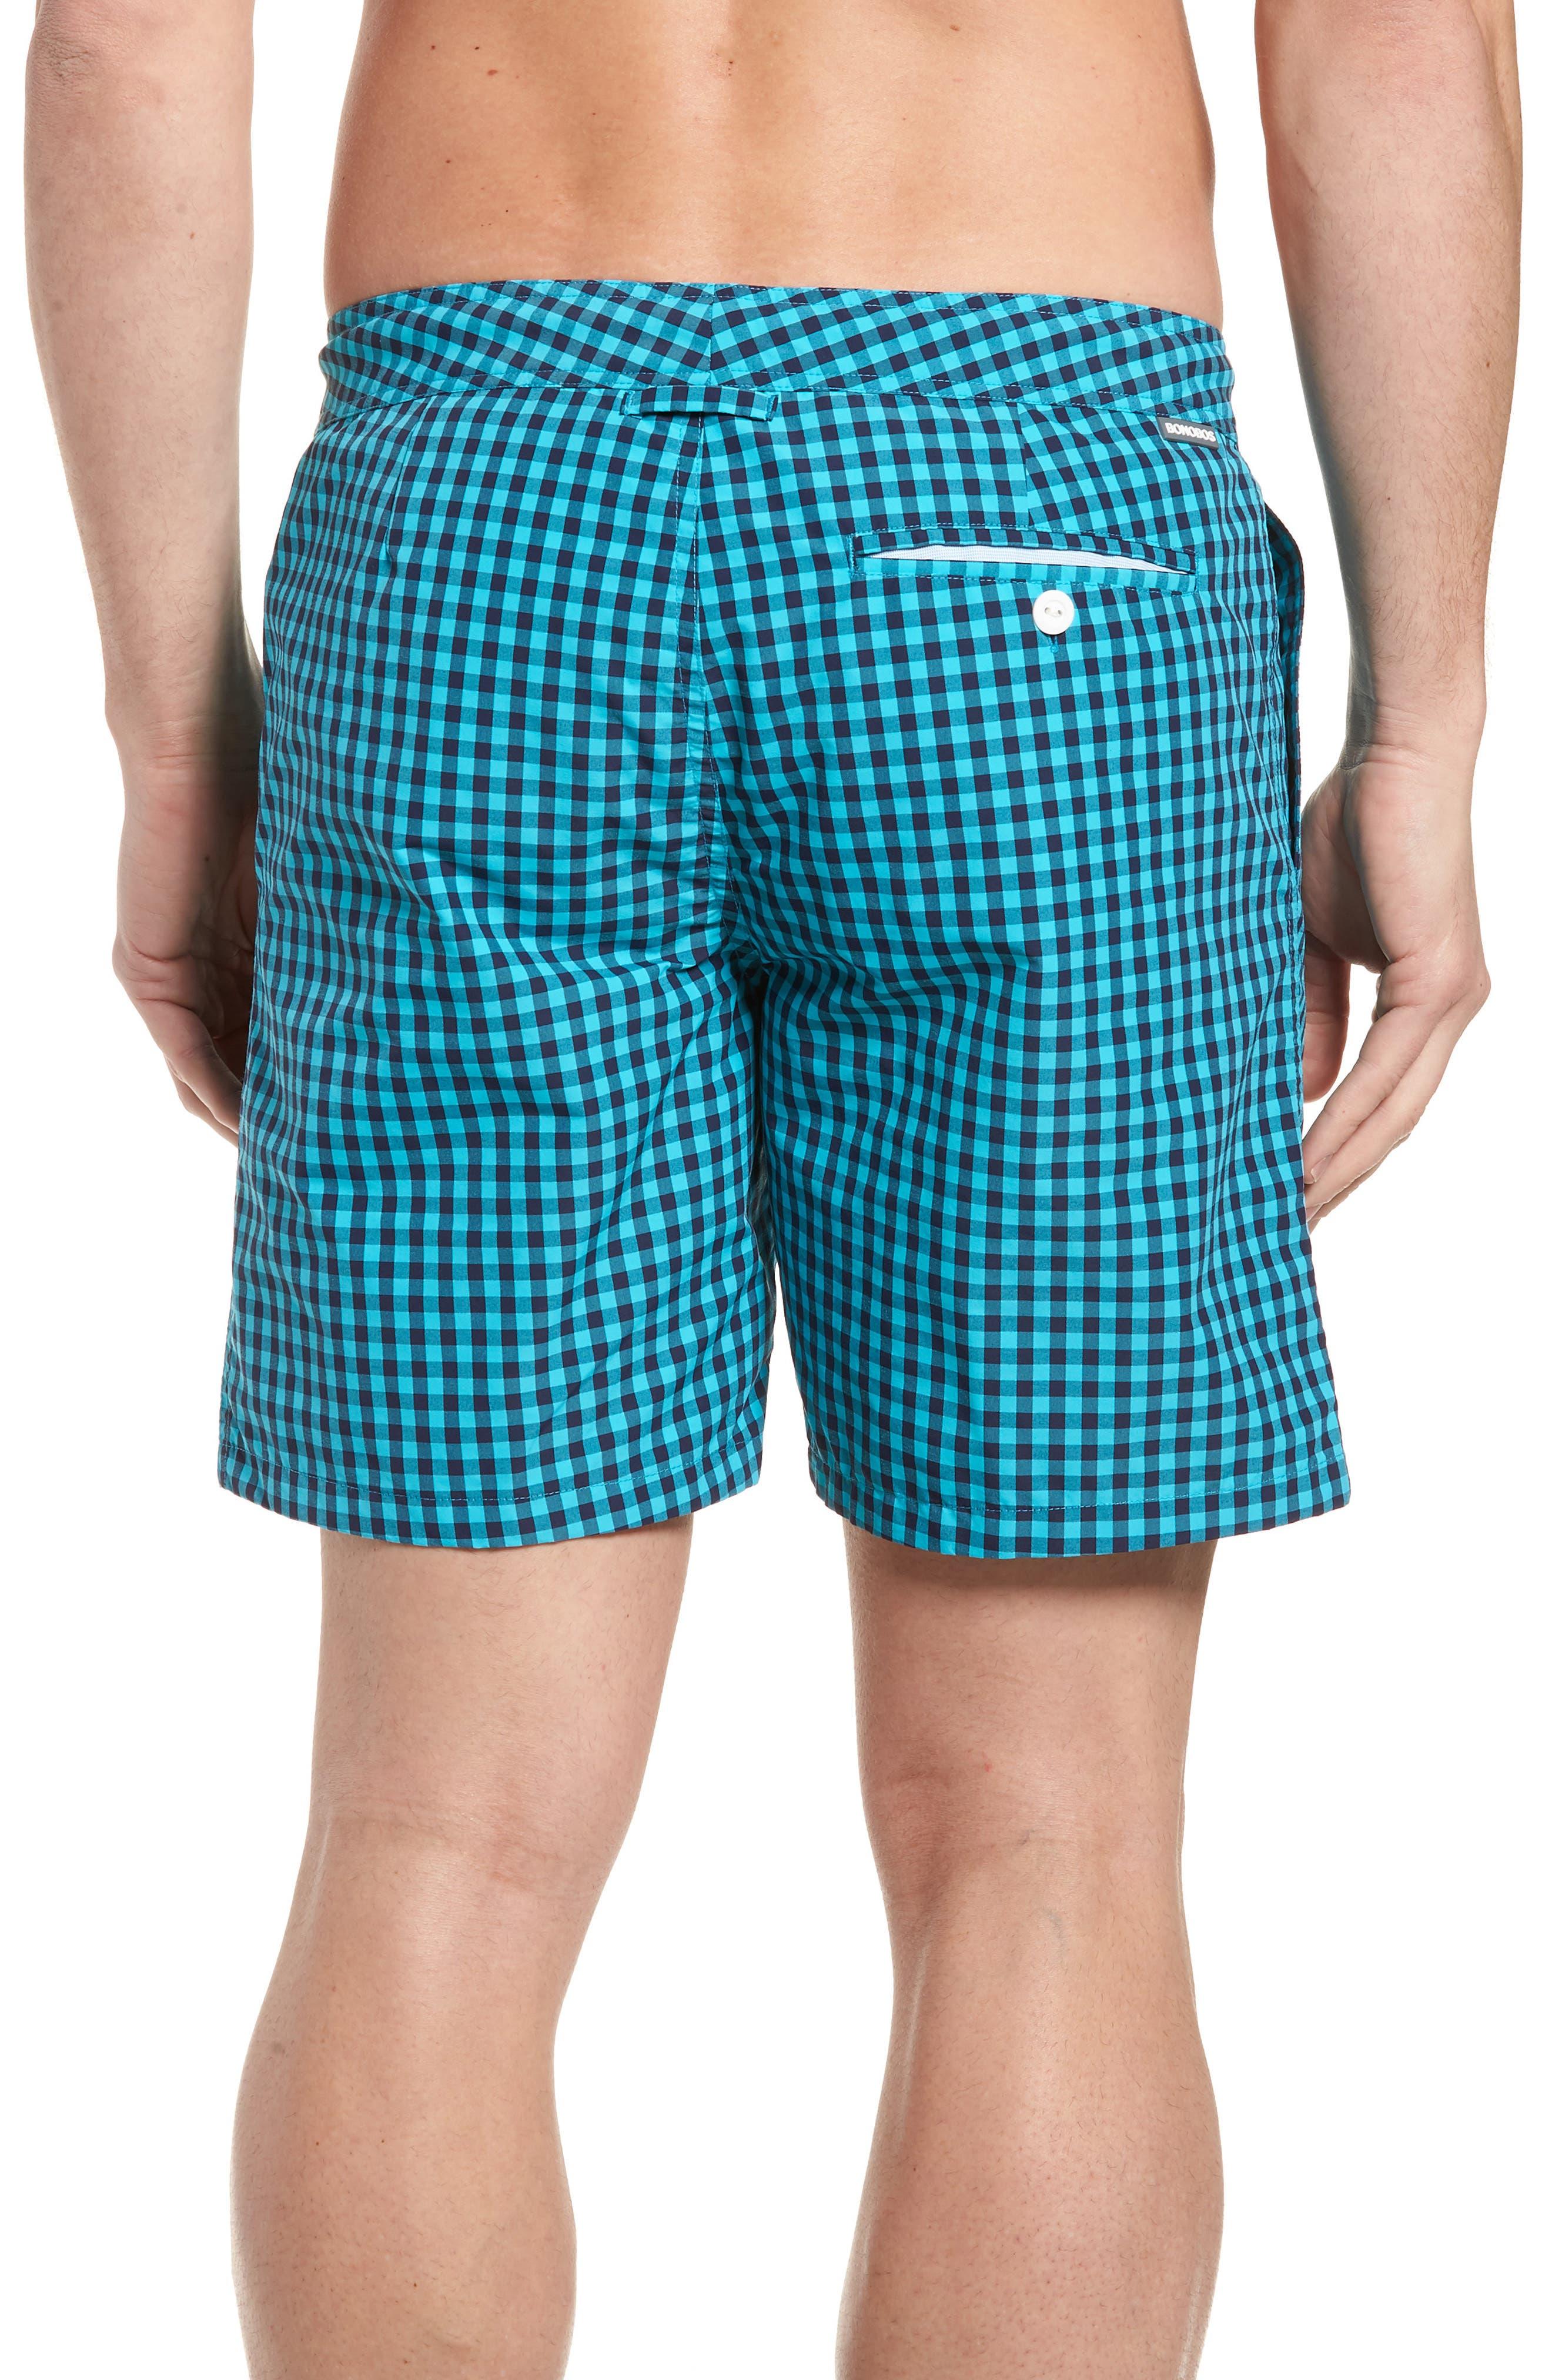 Gingham 7-Inch Swim Trunks,                             Alternate thumbnail 2, color,                             Gulfstream Gingham Scuba Blue